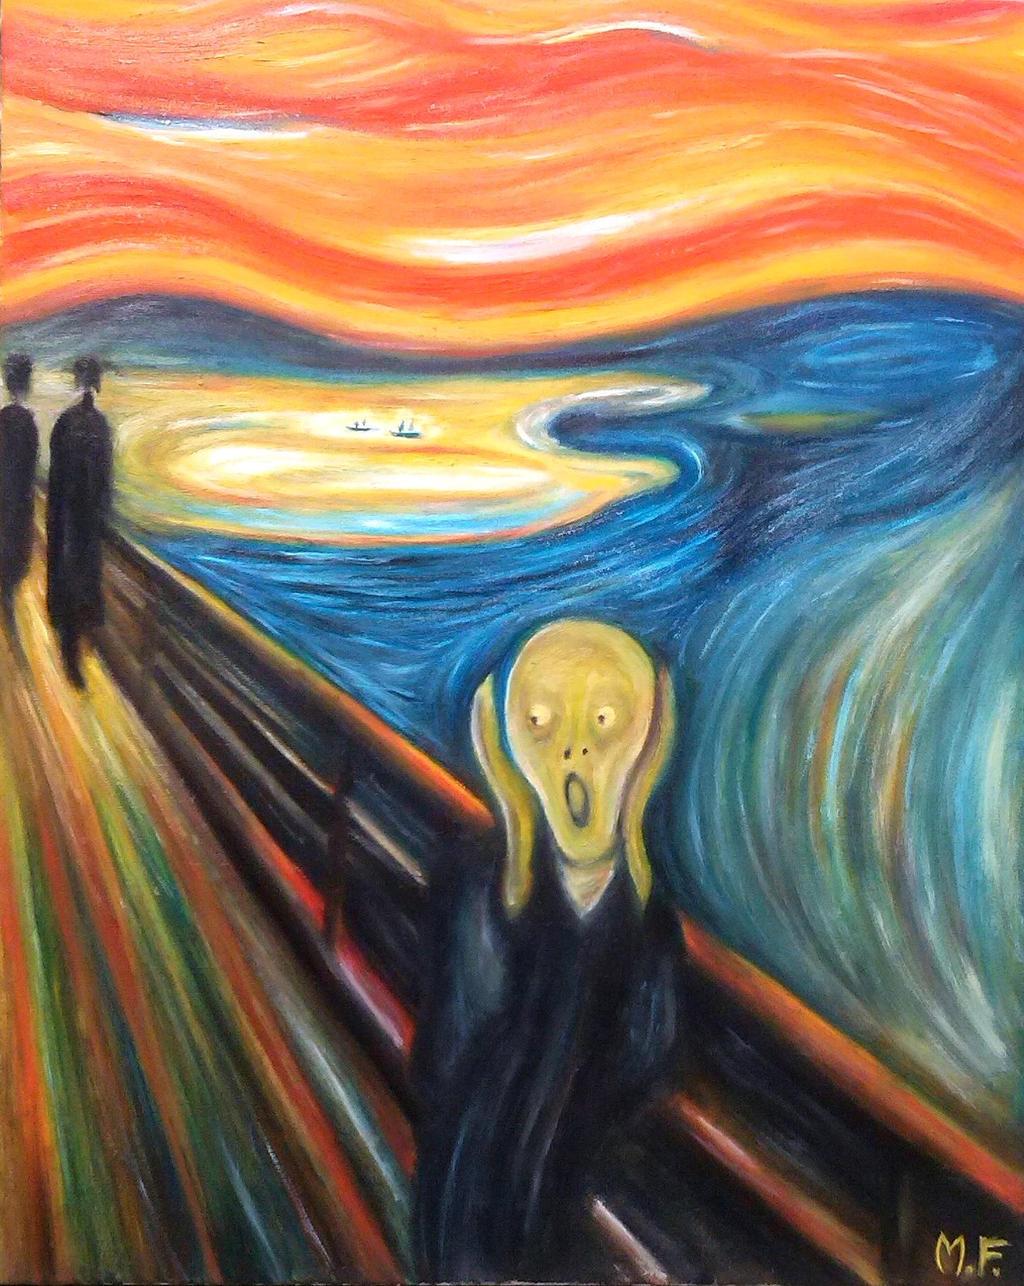 Following Munch xD (l'urlo) [Scream Munch] by DesignerMF ...